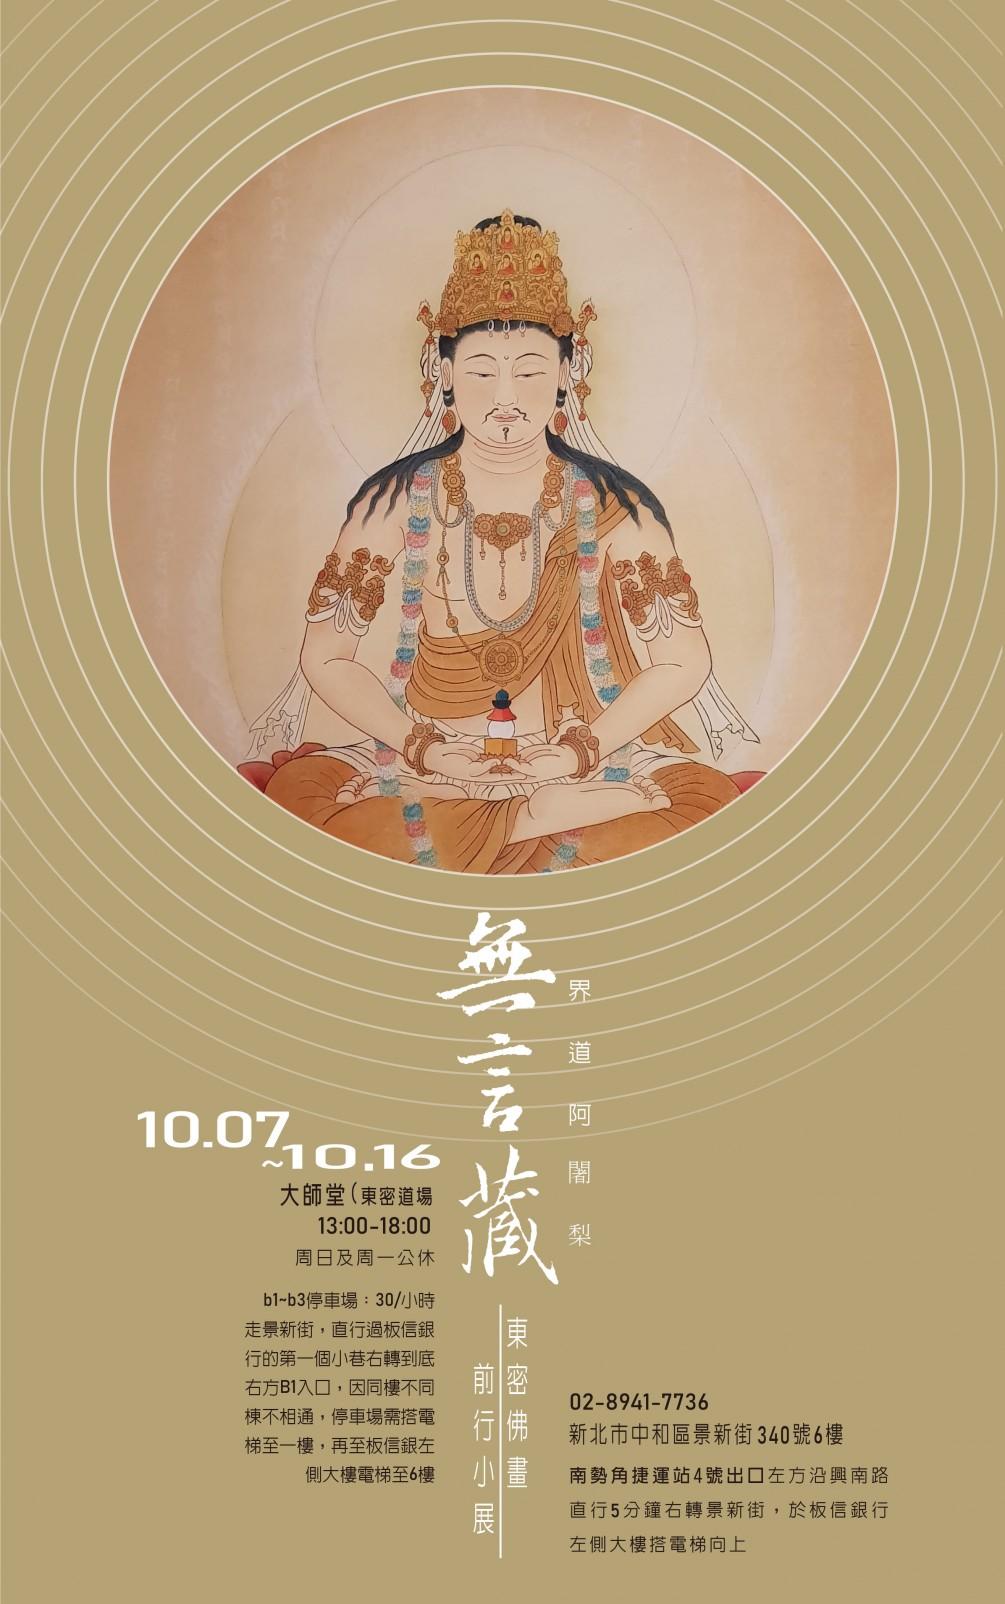 無言藏.東密佛畫前行小展 展期:2021/10/07至10/16,於【大師堂-東密道場】